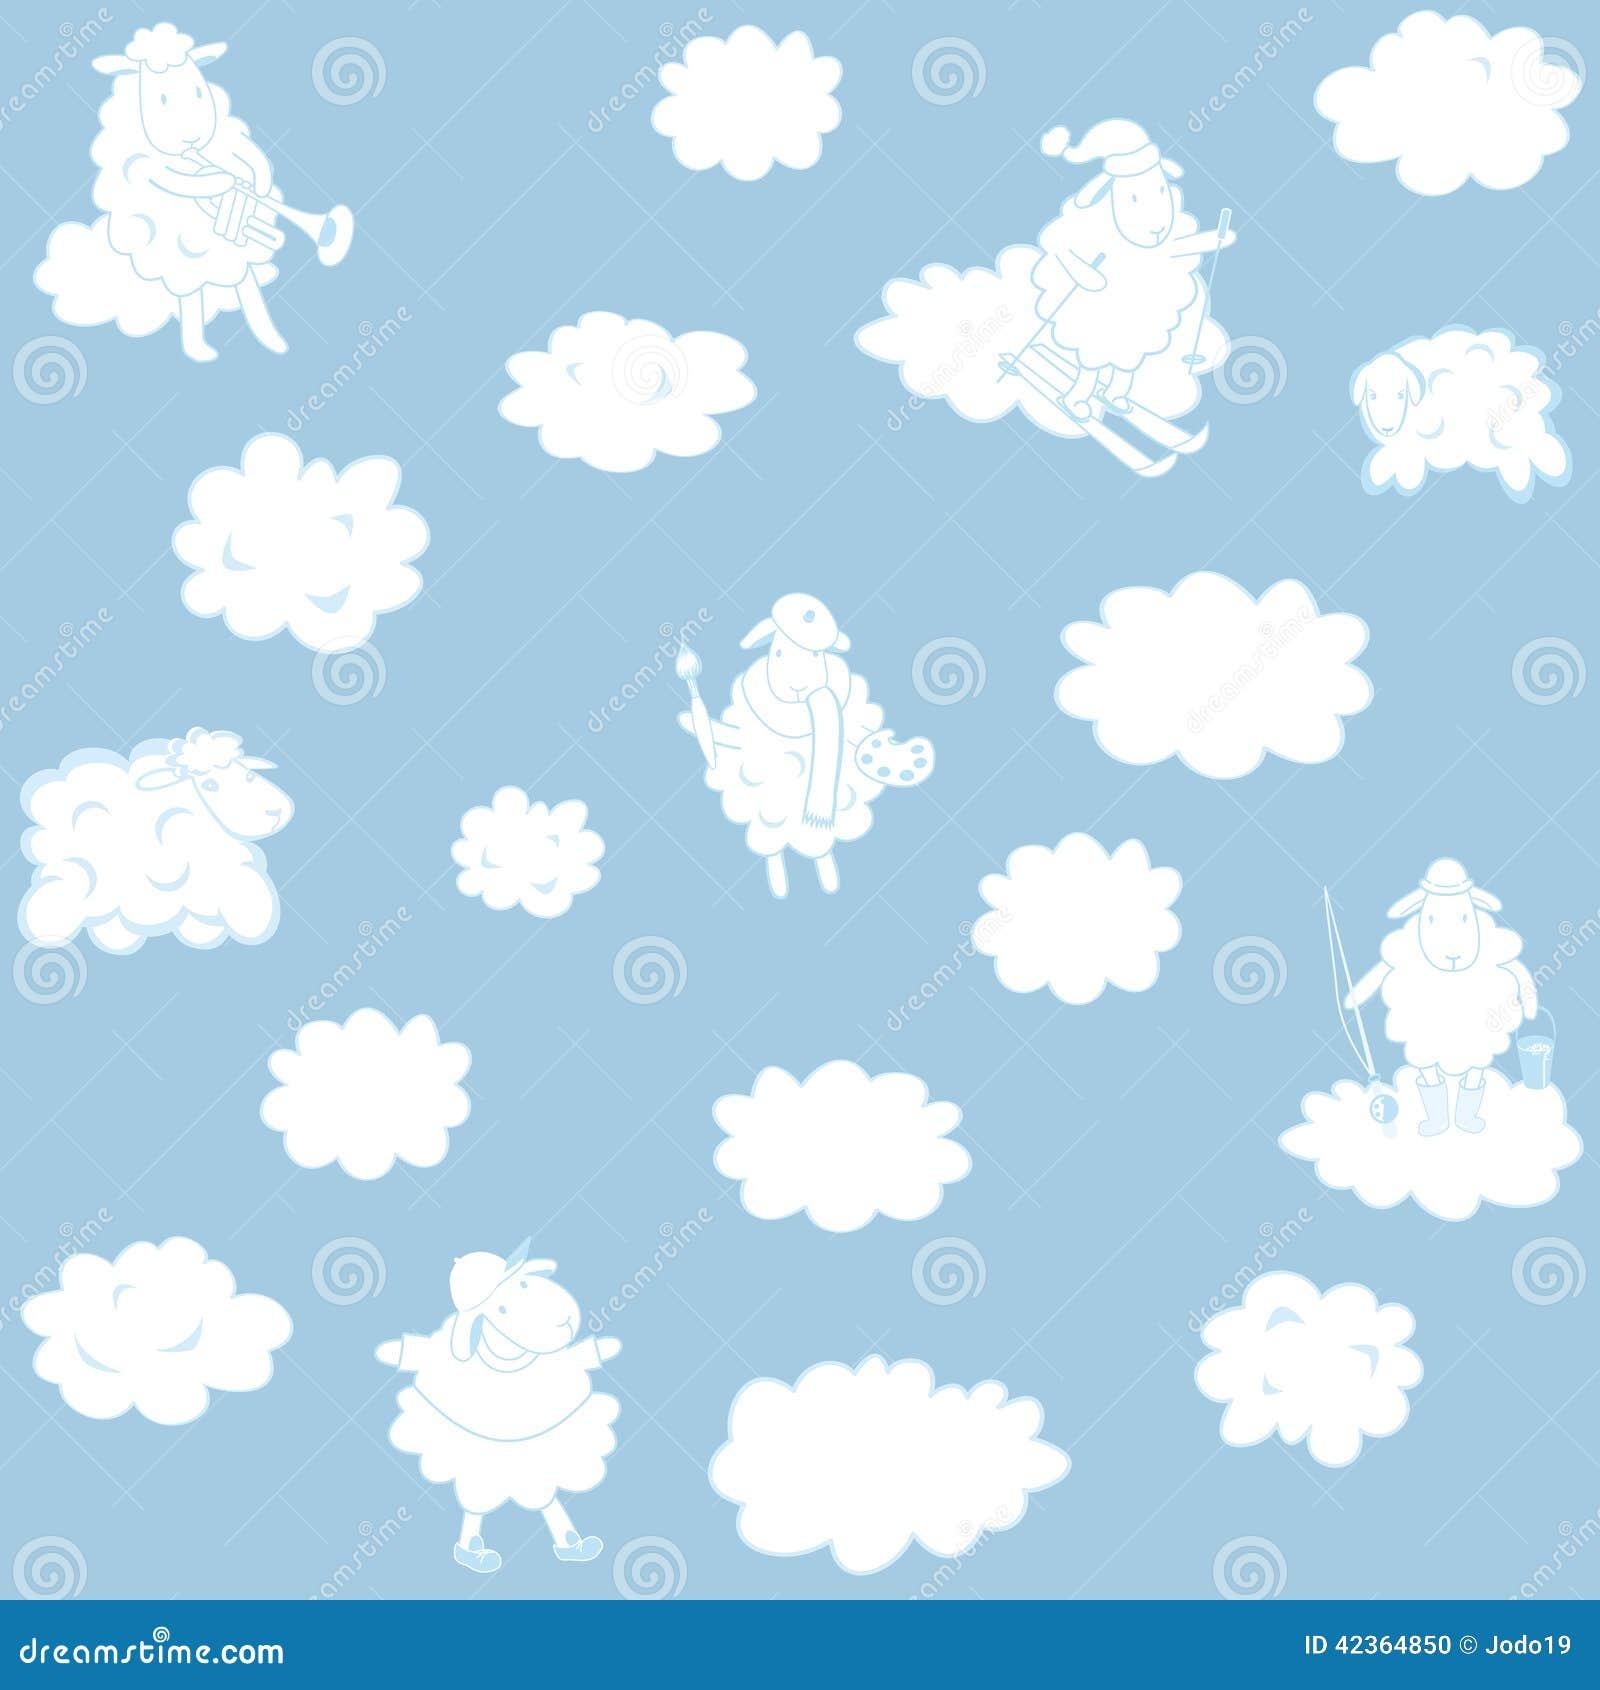 Tapete Mit Wolken Für Ein Kinderzimmer Vektor Abbildung ...